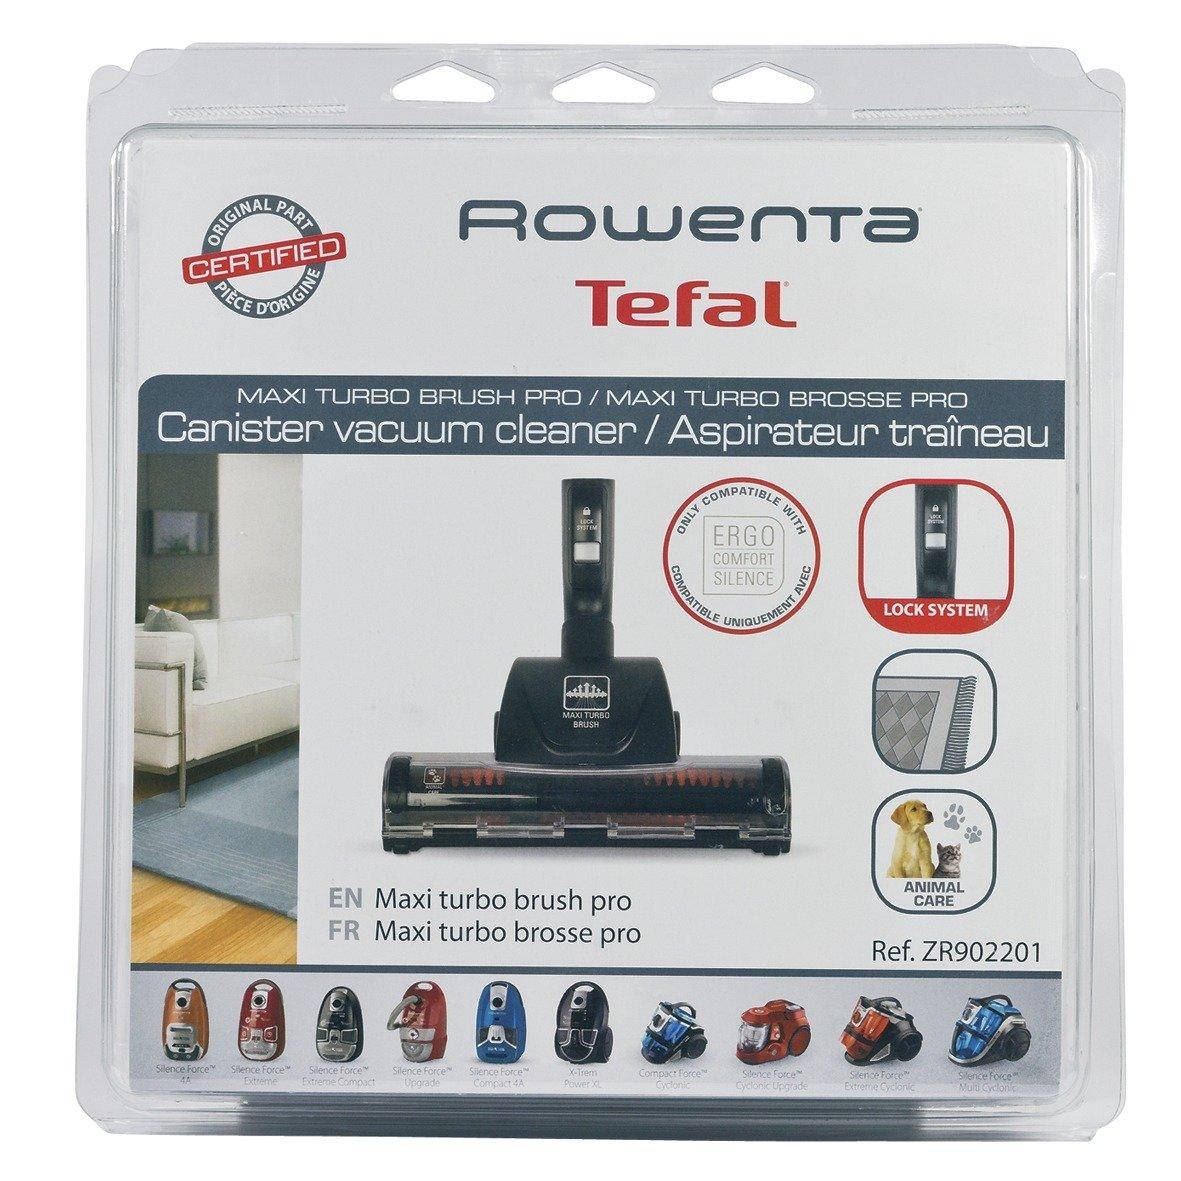 Rowenta máximo de Turbo de cepillo ZR 902201 EAN: 3507790043554: Amazon.es: Electrónica